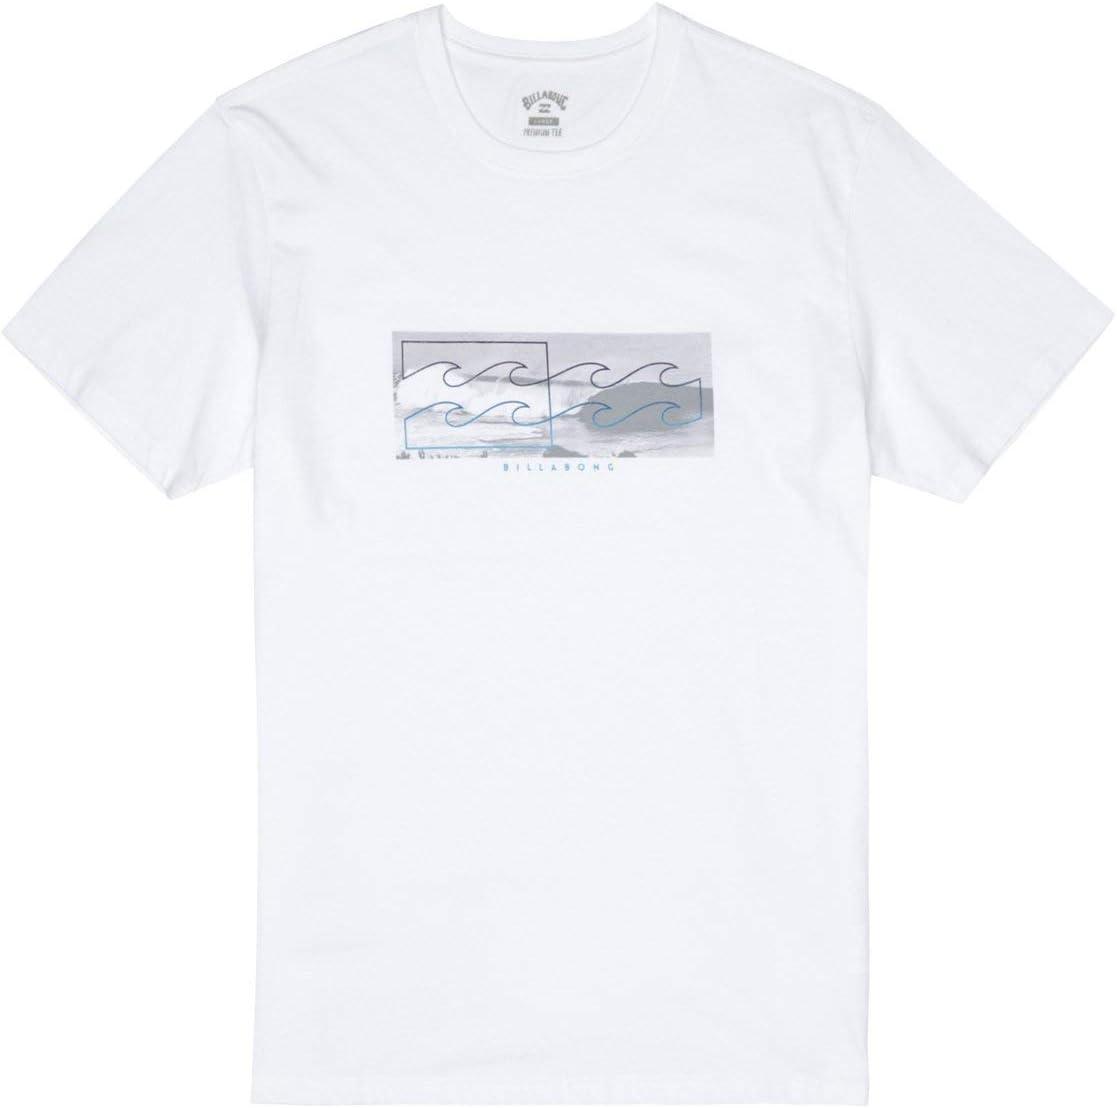 BILLABONG™ - Camiseta - Hombre - XL - Blanco: Billabong: Amazon.es: Deportes y aire libre